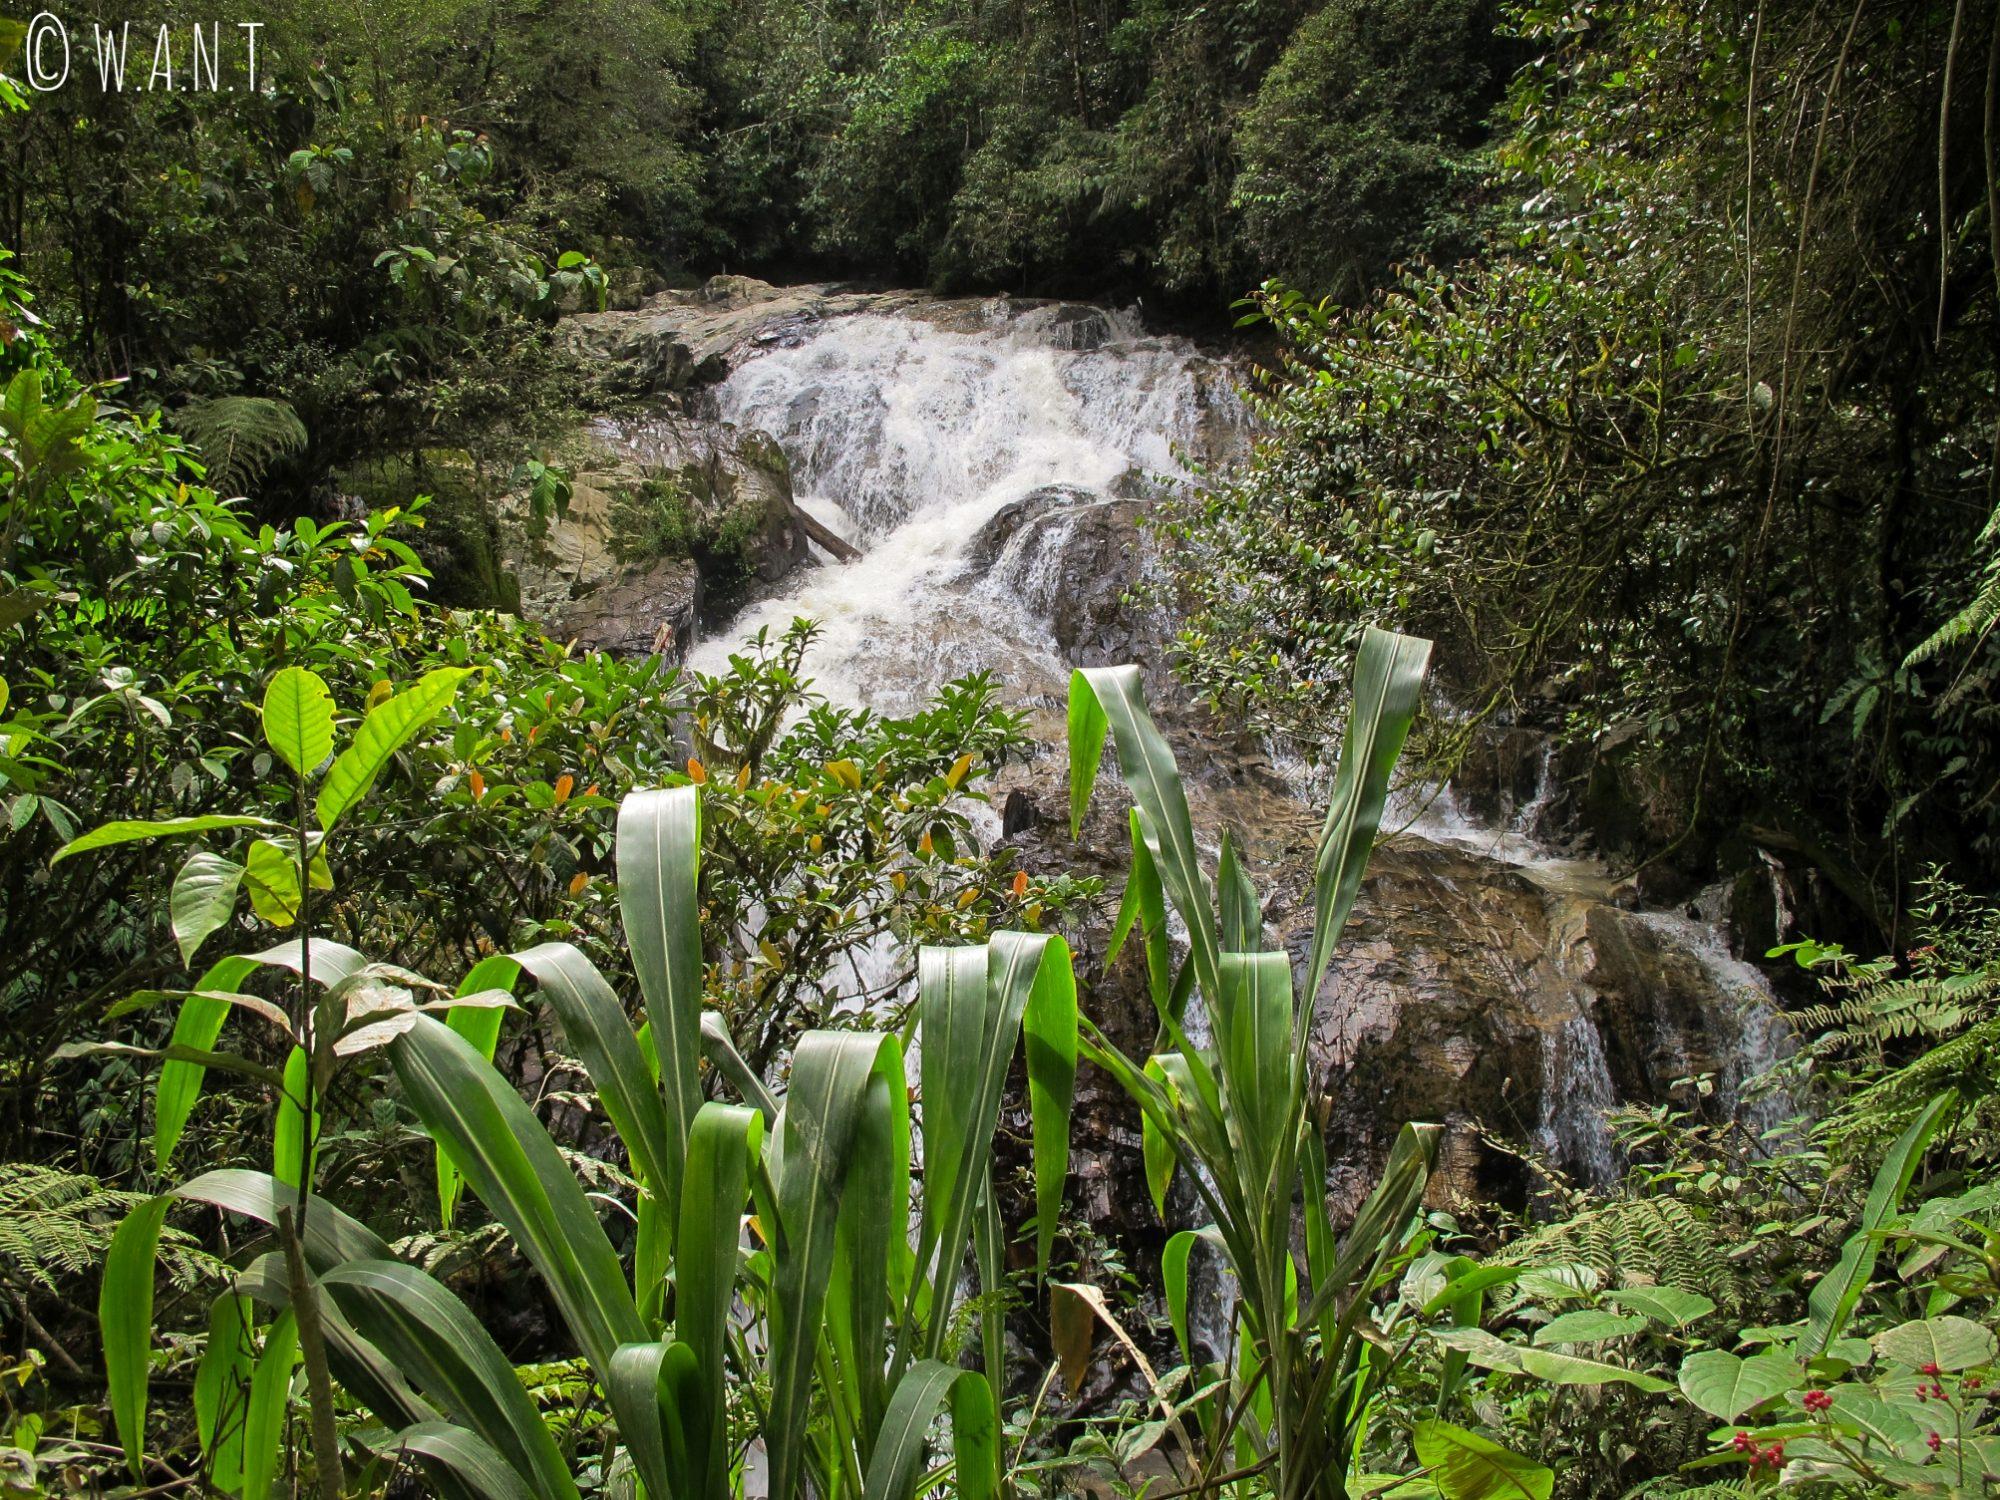 A la fin du trail numéro 8, nous découvrons les cascades de Robinson